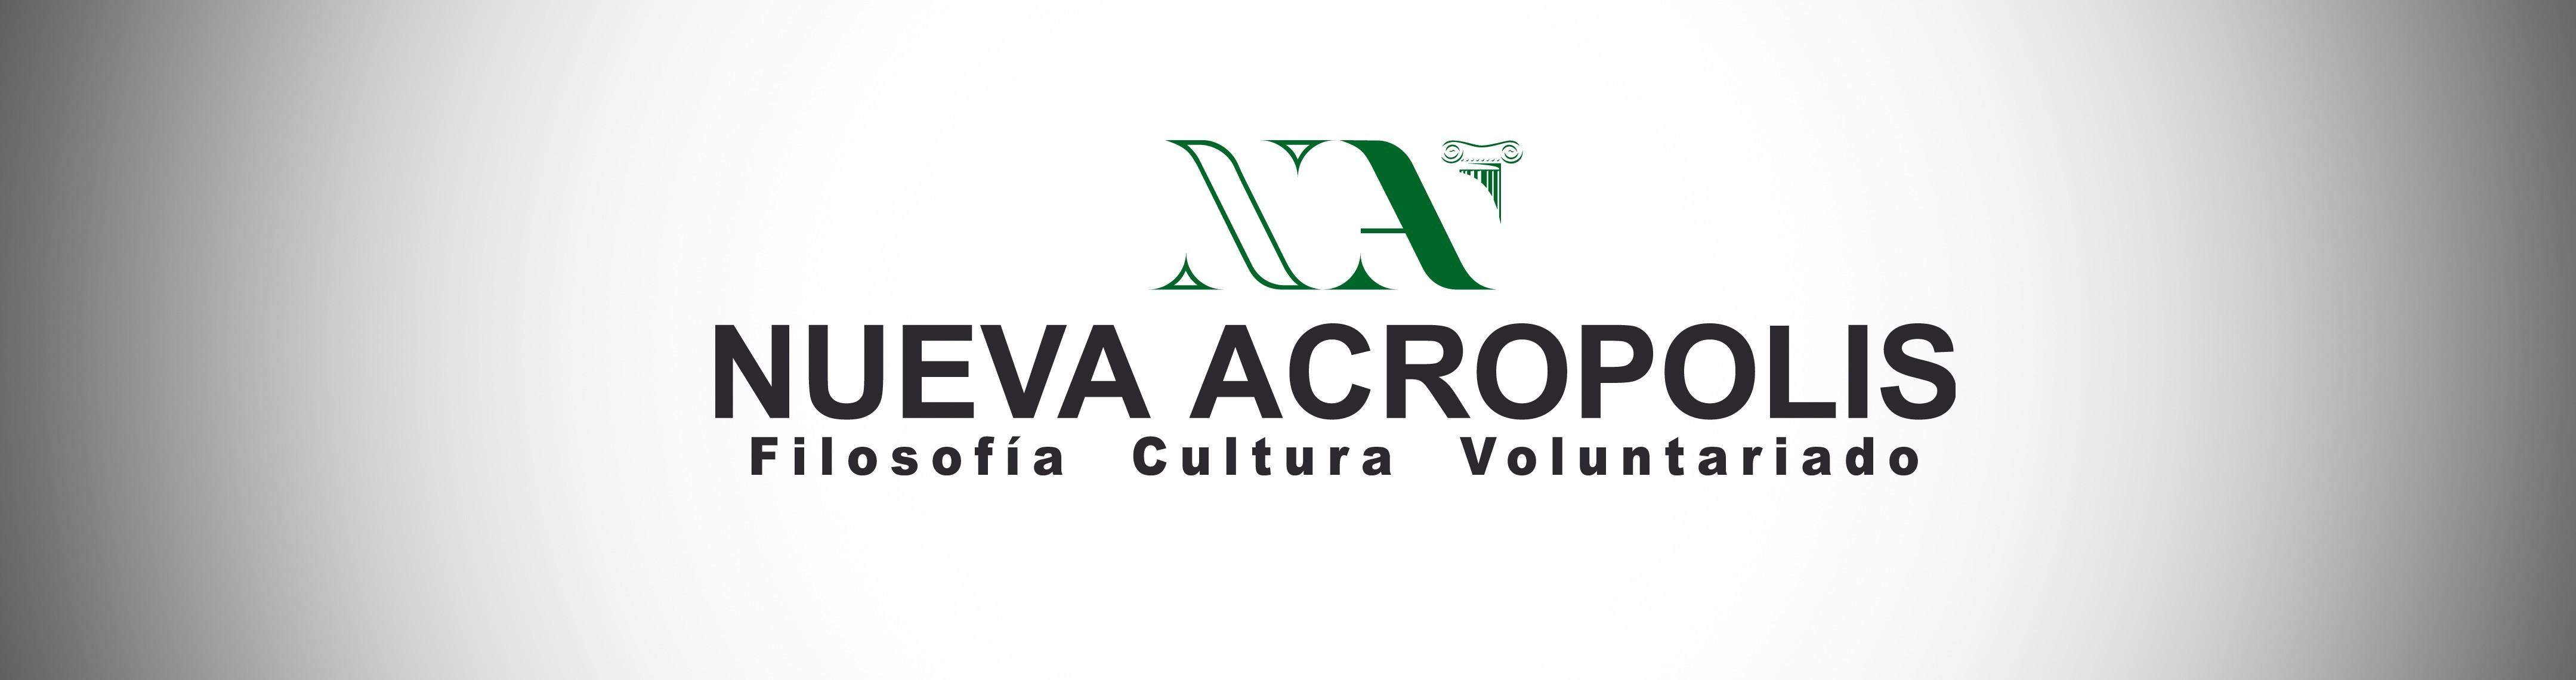 Nueva Acropolis Peru - Lima - Joinnus